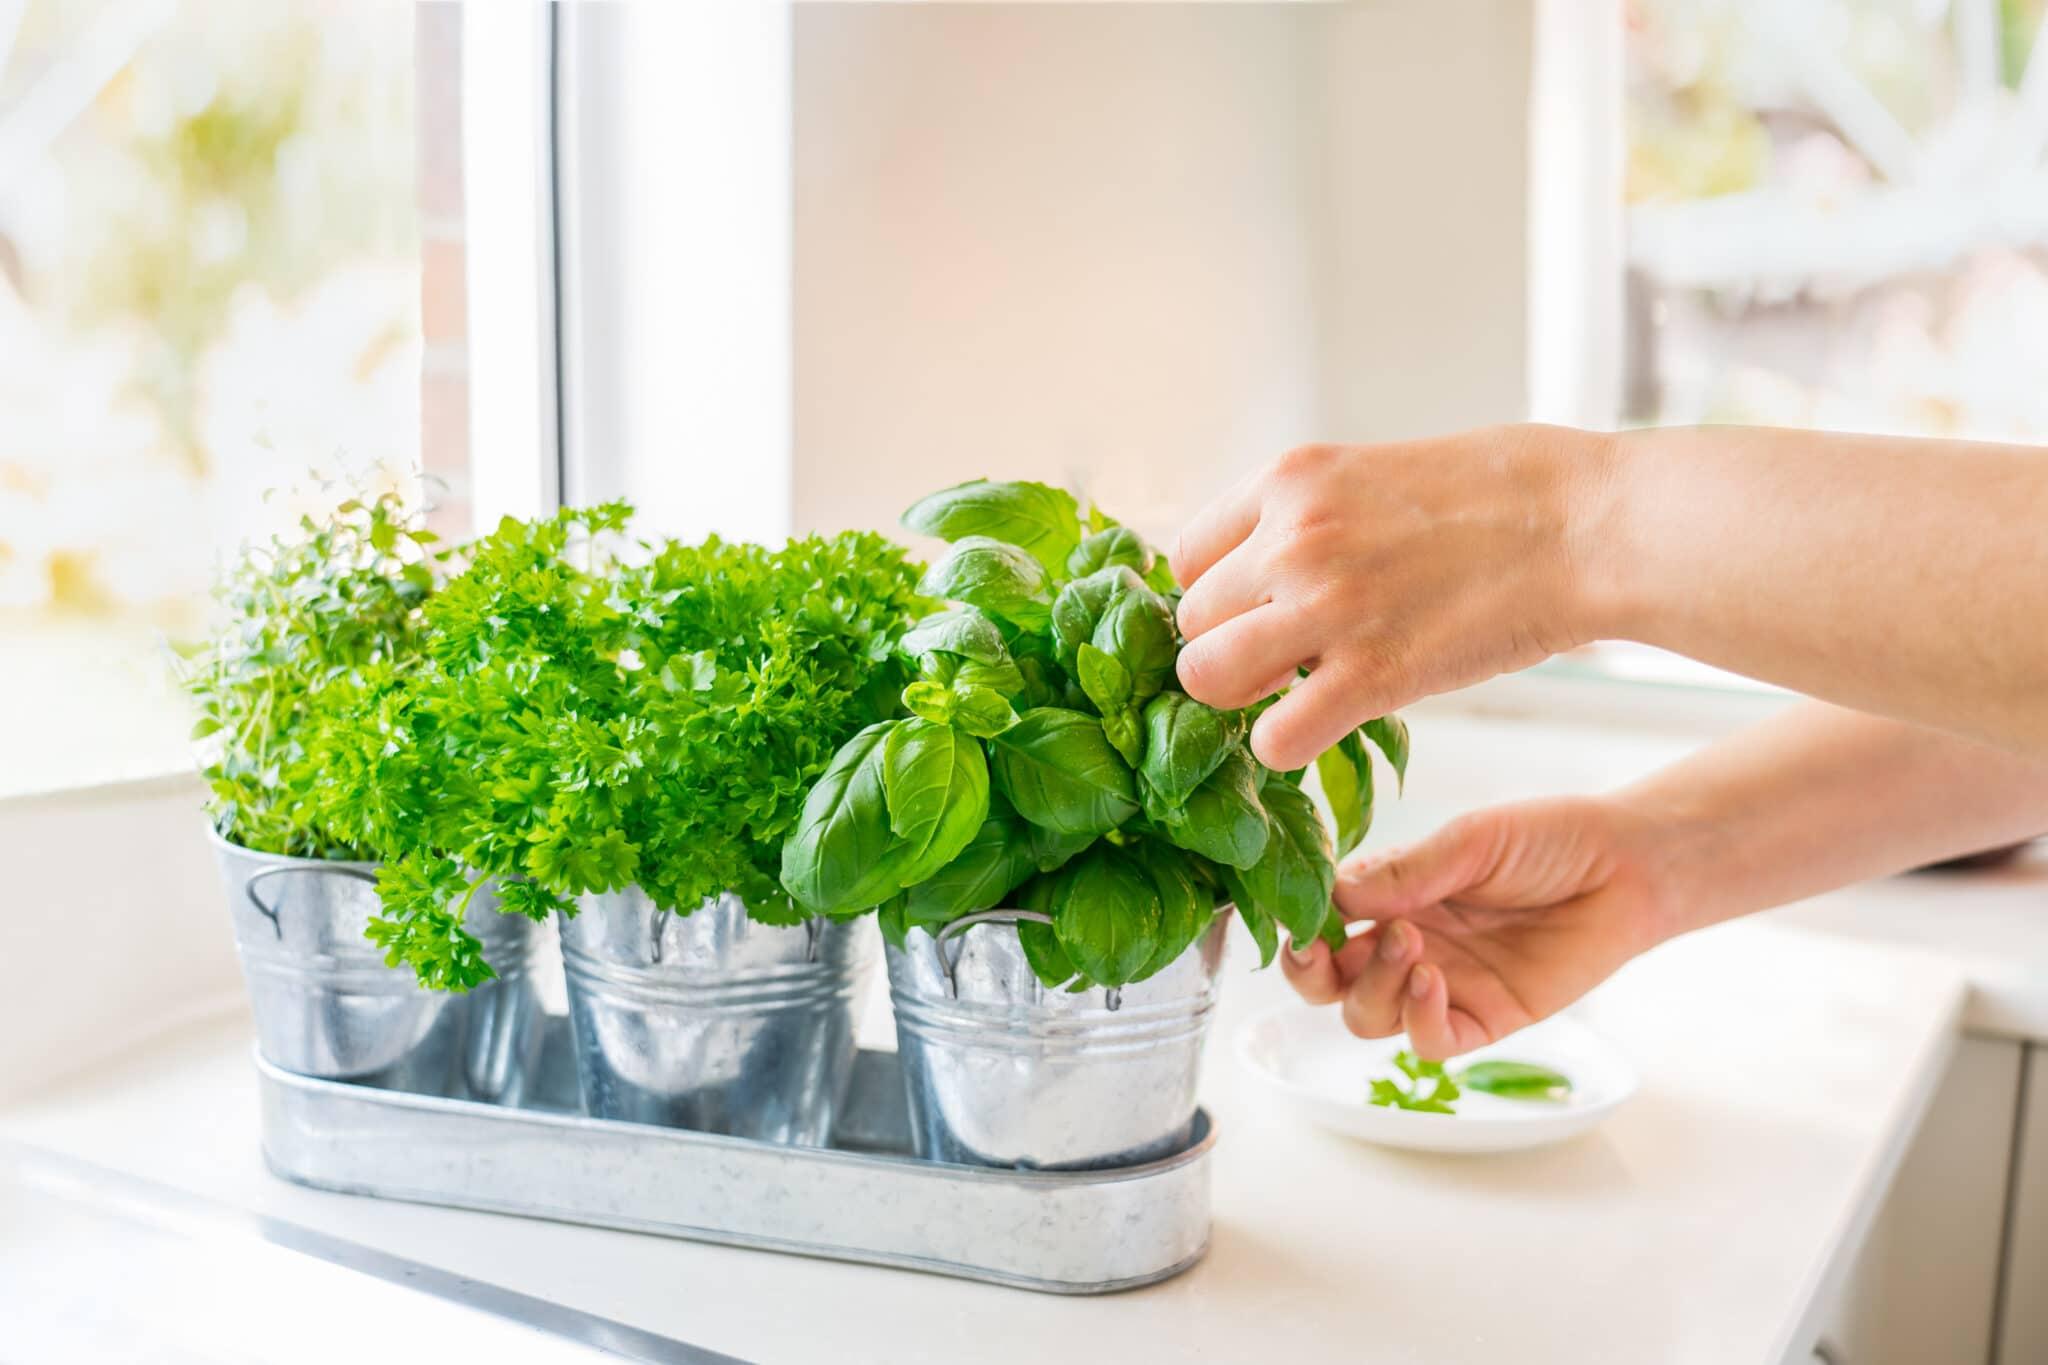 Nahaufnahme der Hand der Frau, die Blätter von Basilikumgrün pflücken.  Hausgartenarbeit in der Küche.  Kräutertöpfe mit Basilikum, Petersilie und Thymian.  Hausbepflanzung und Nahrungsmittelanbau.  Nachhaltiger Lebensstil, pflanzliche Lebensmittel